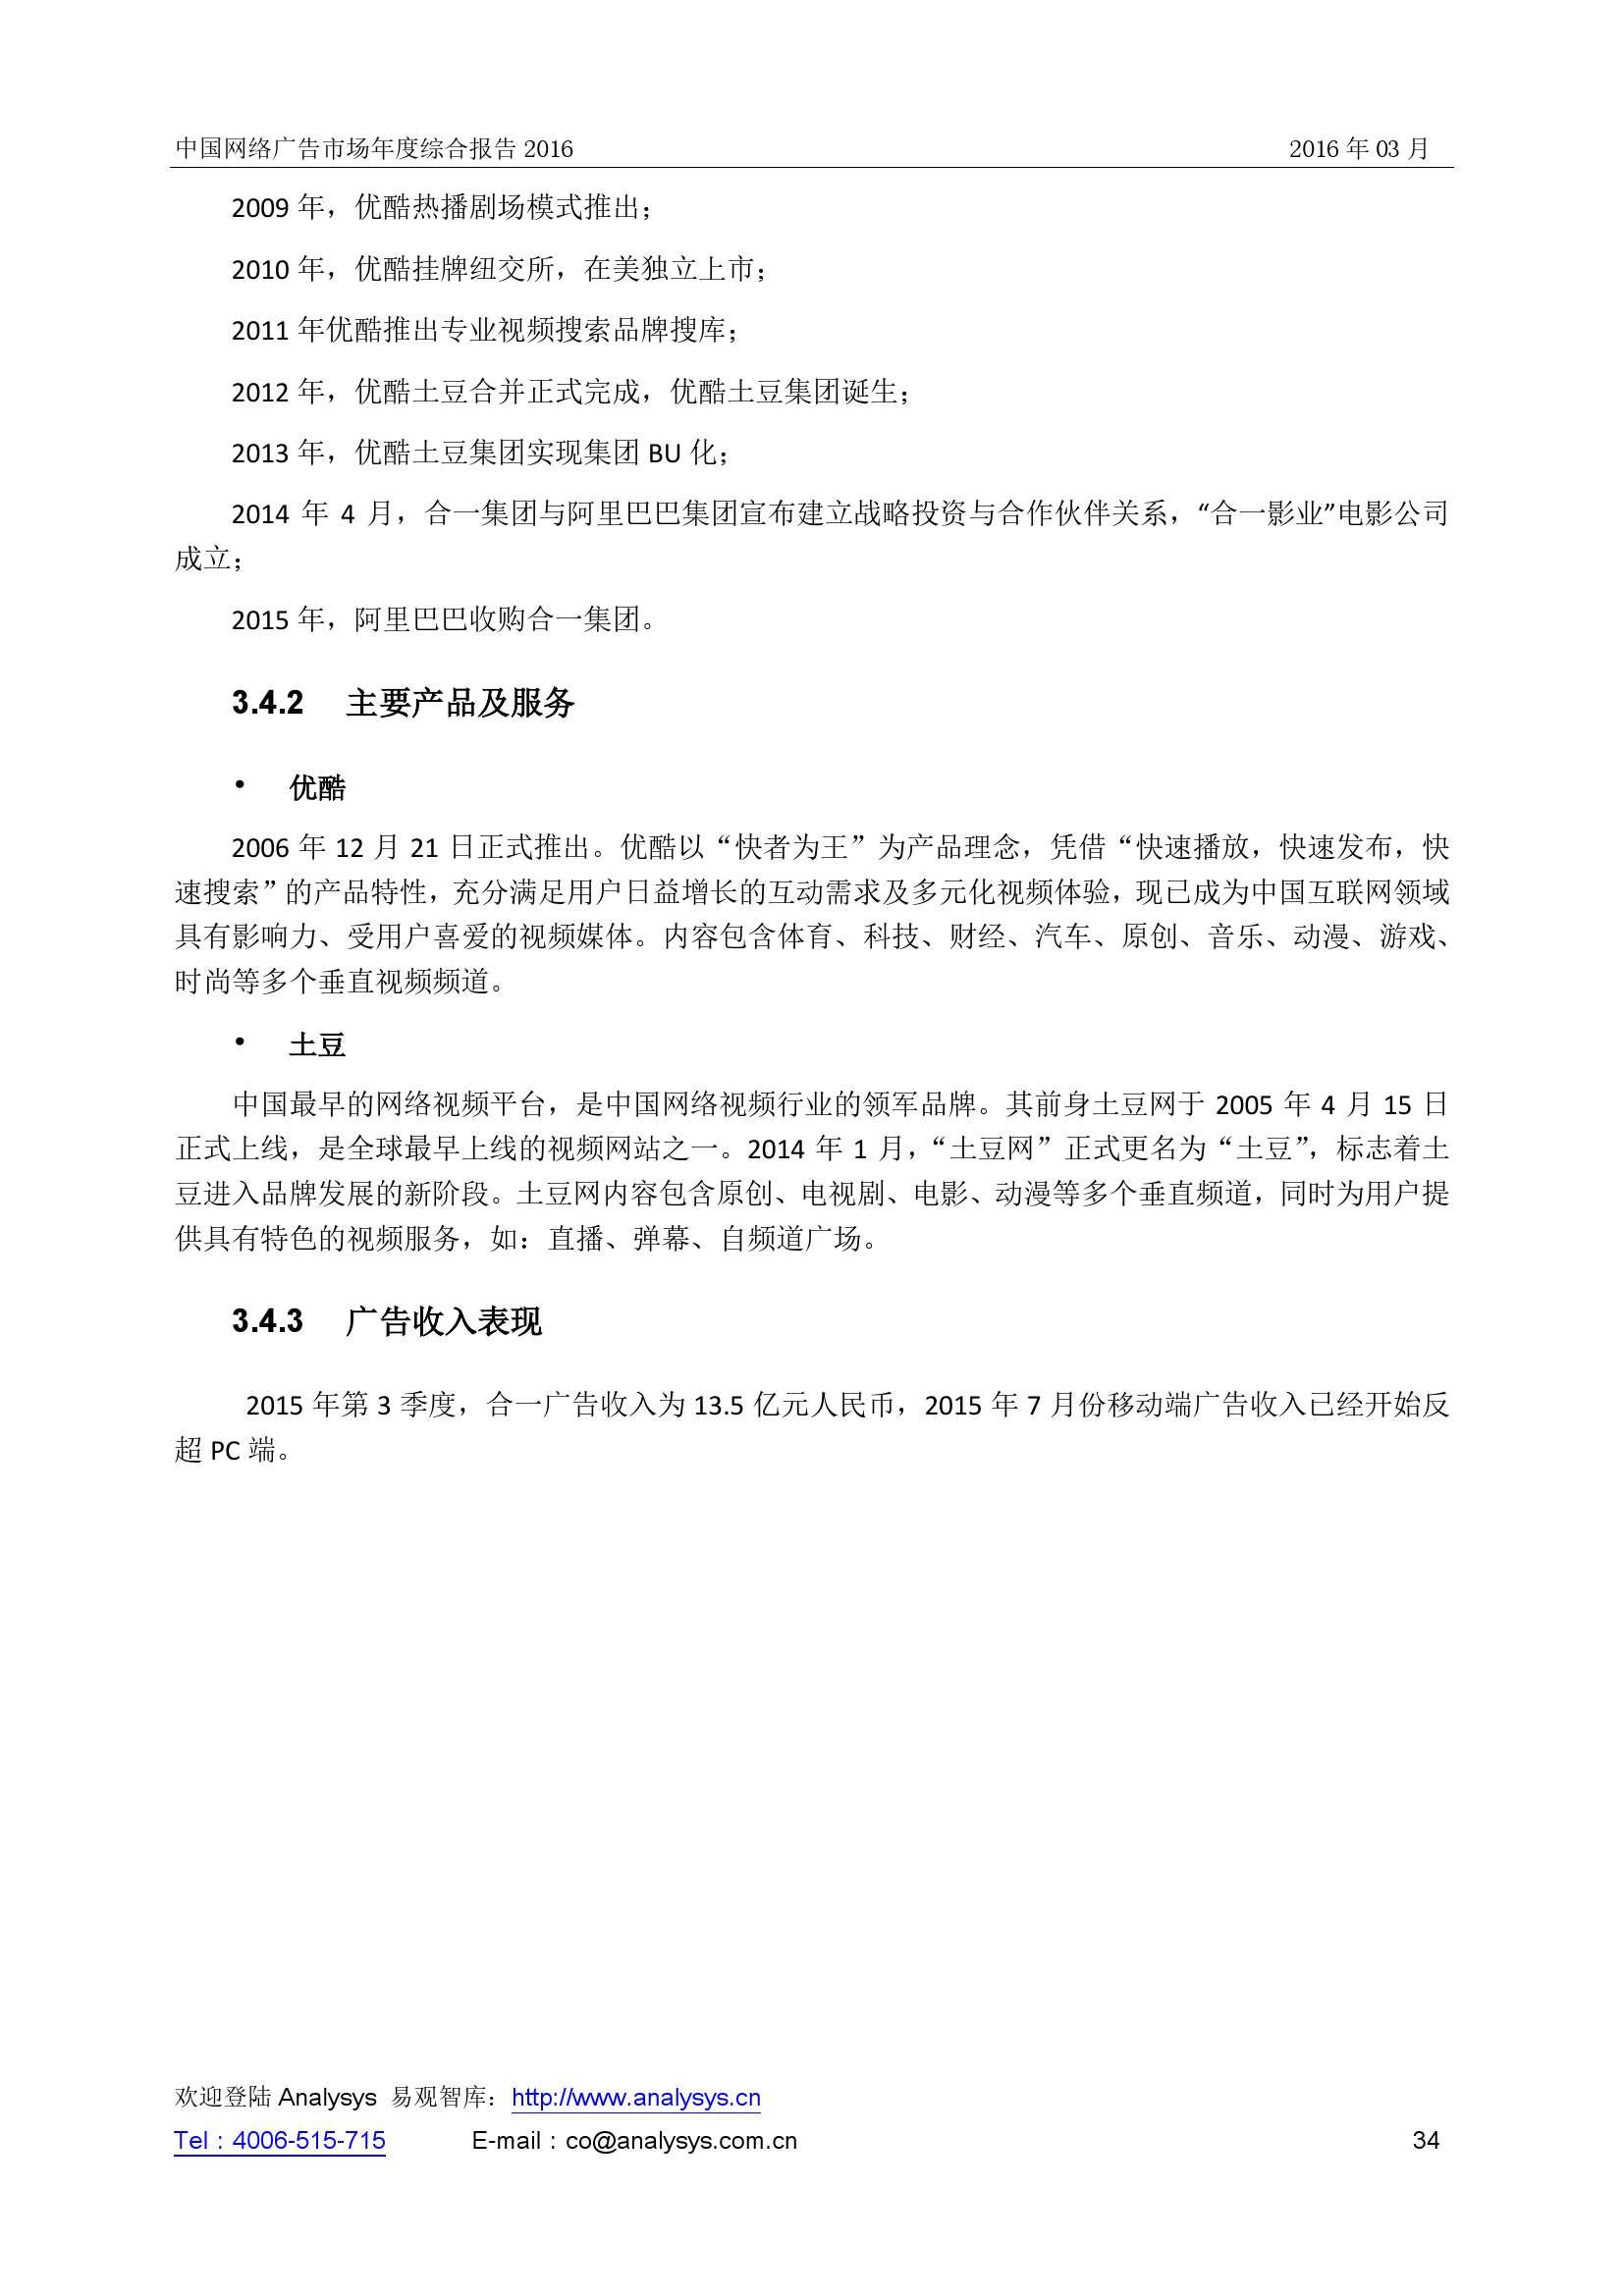 中国网络广告市场年度综合报告2016_000034